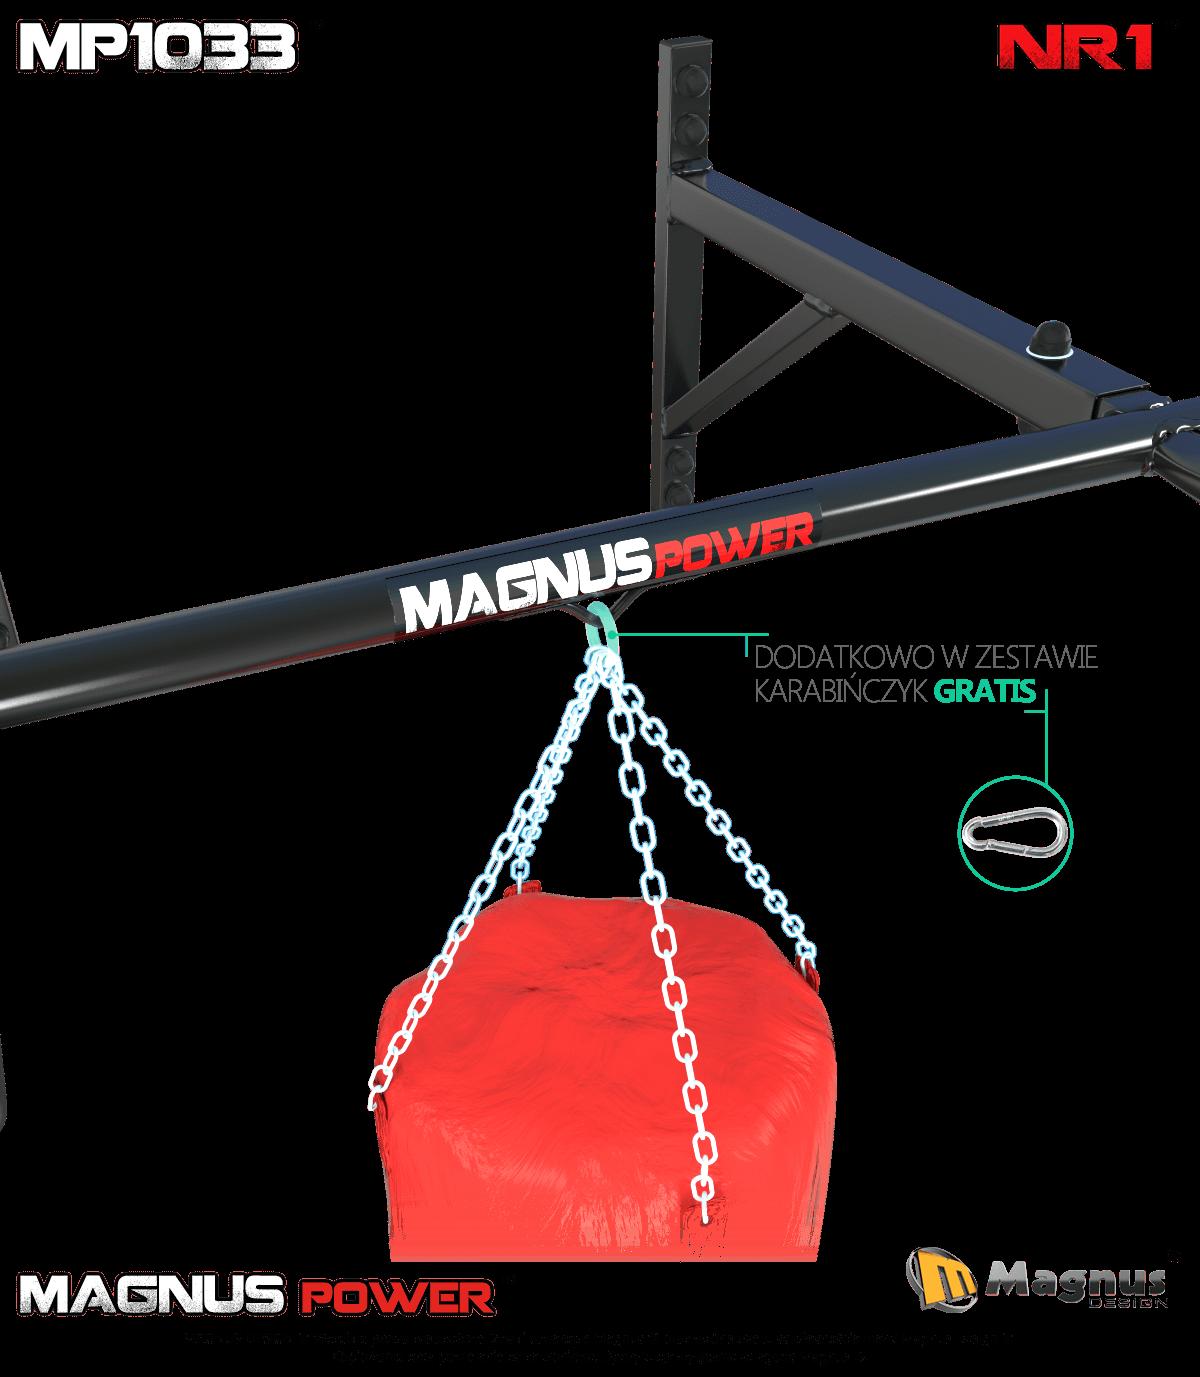 Podciąganie na drążku Magnus, trening z workiem bokserskim, pasy TRX, ćwiczenia TRX